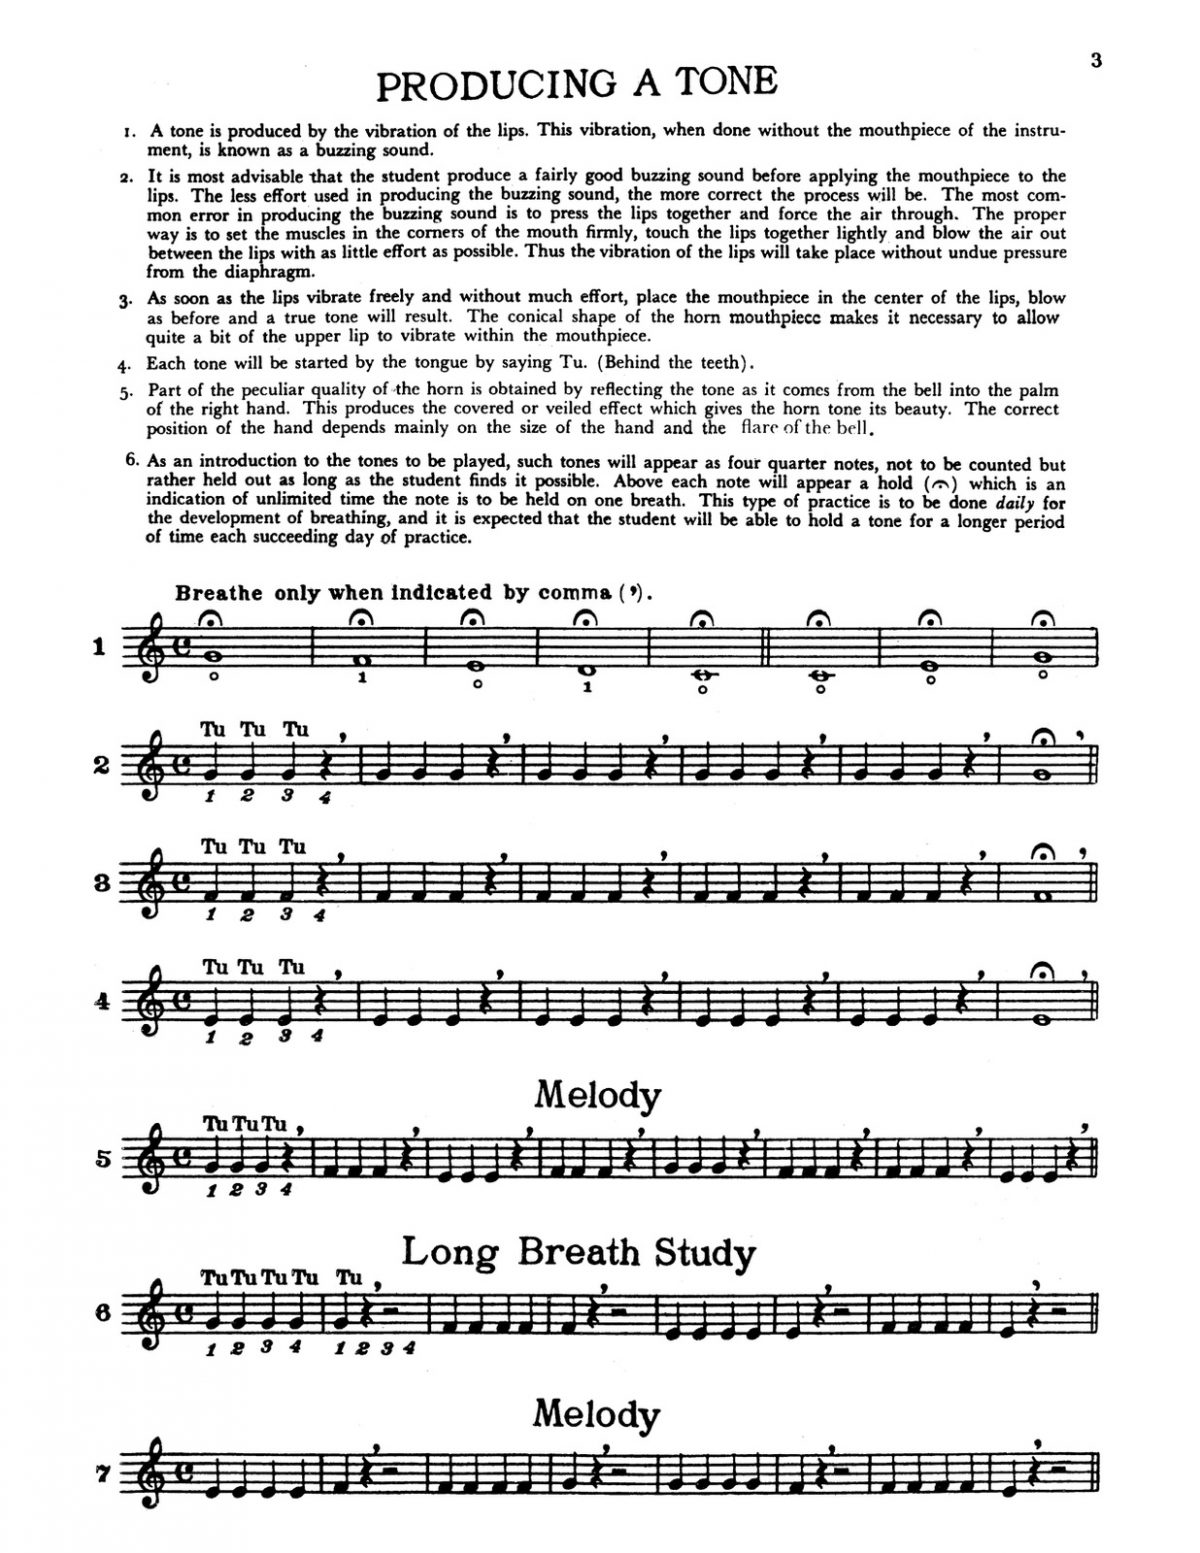 Erdman, Robert, The Master Method for French Horn-p05